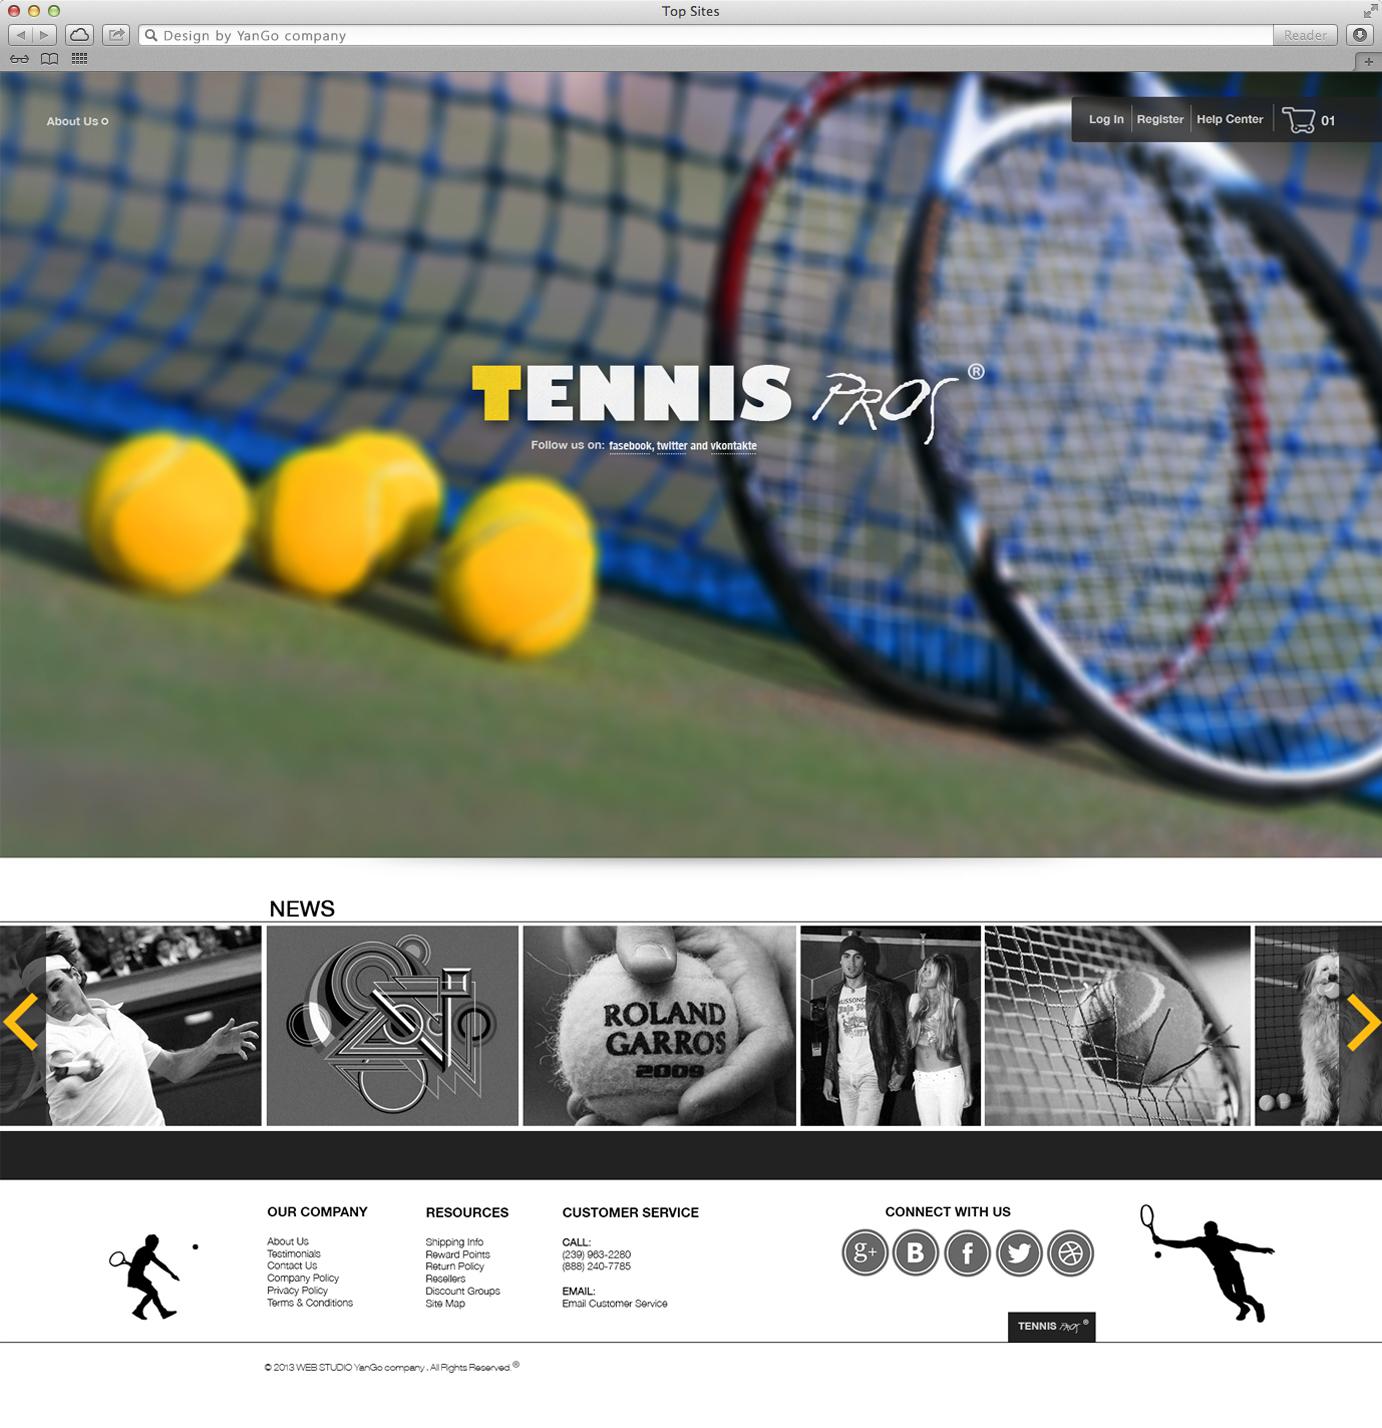 интернет магазин Tennis Pros